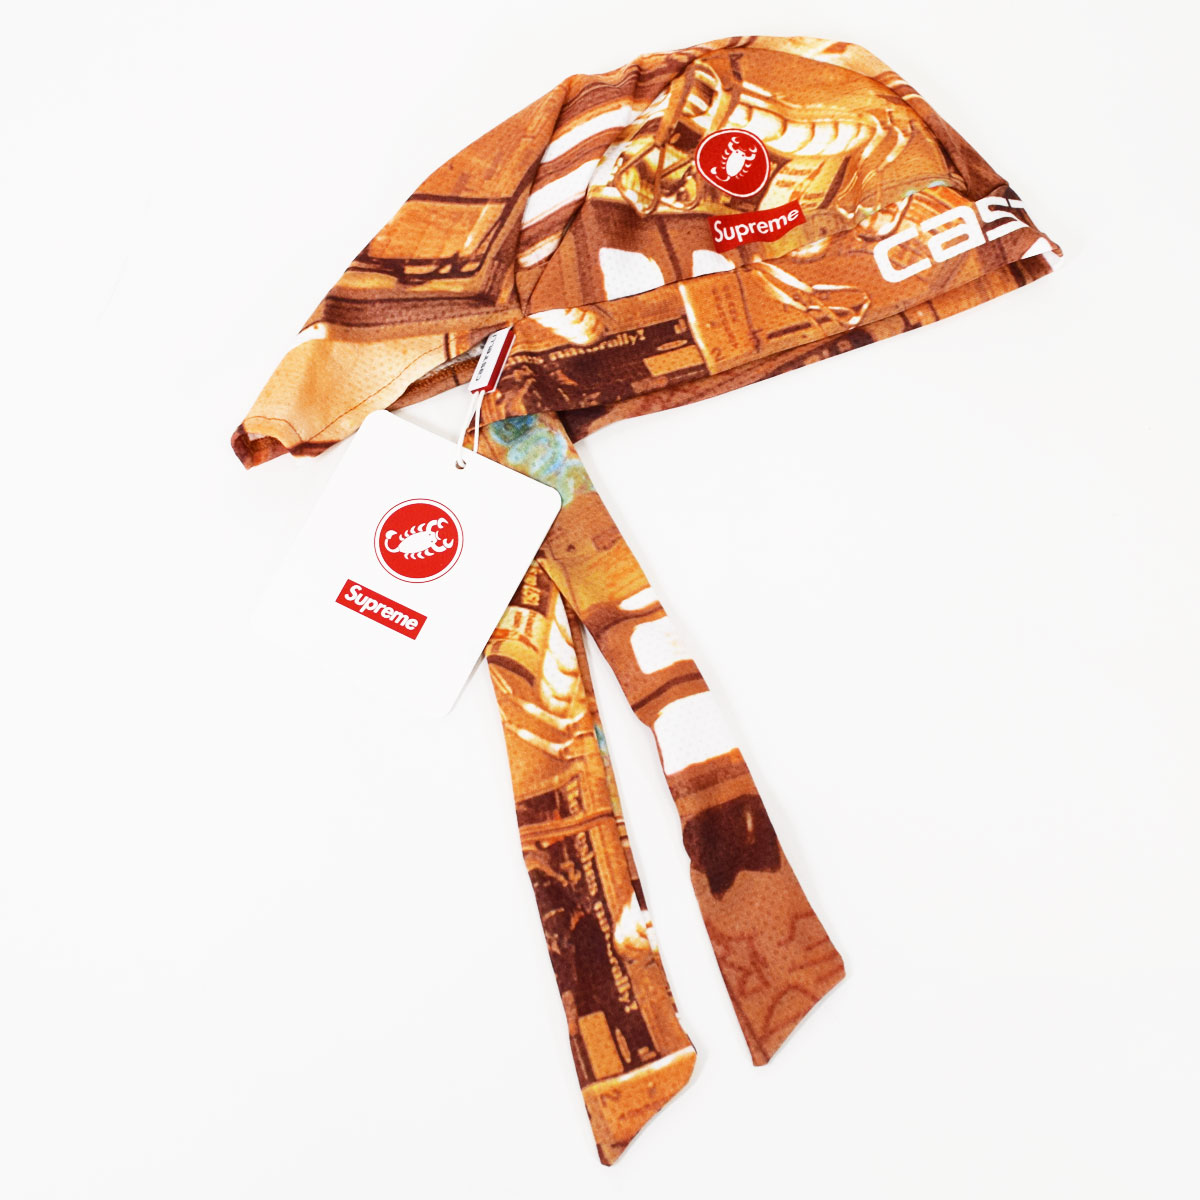 価格交渉 全商品 03-6435-2153☆送料無料 シュプリーム明細書 新品 2018SS Supreme シュプリーム SUBWAY Castelli Cycling Skull Cap カステリ メーカー公式ショップ 国内正規品 輸入 マルチカラー ポリエステル100% サイクリング Made スカル N Italy In ステッカー32420608 送料無料 キャップ A